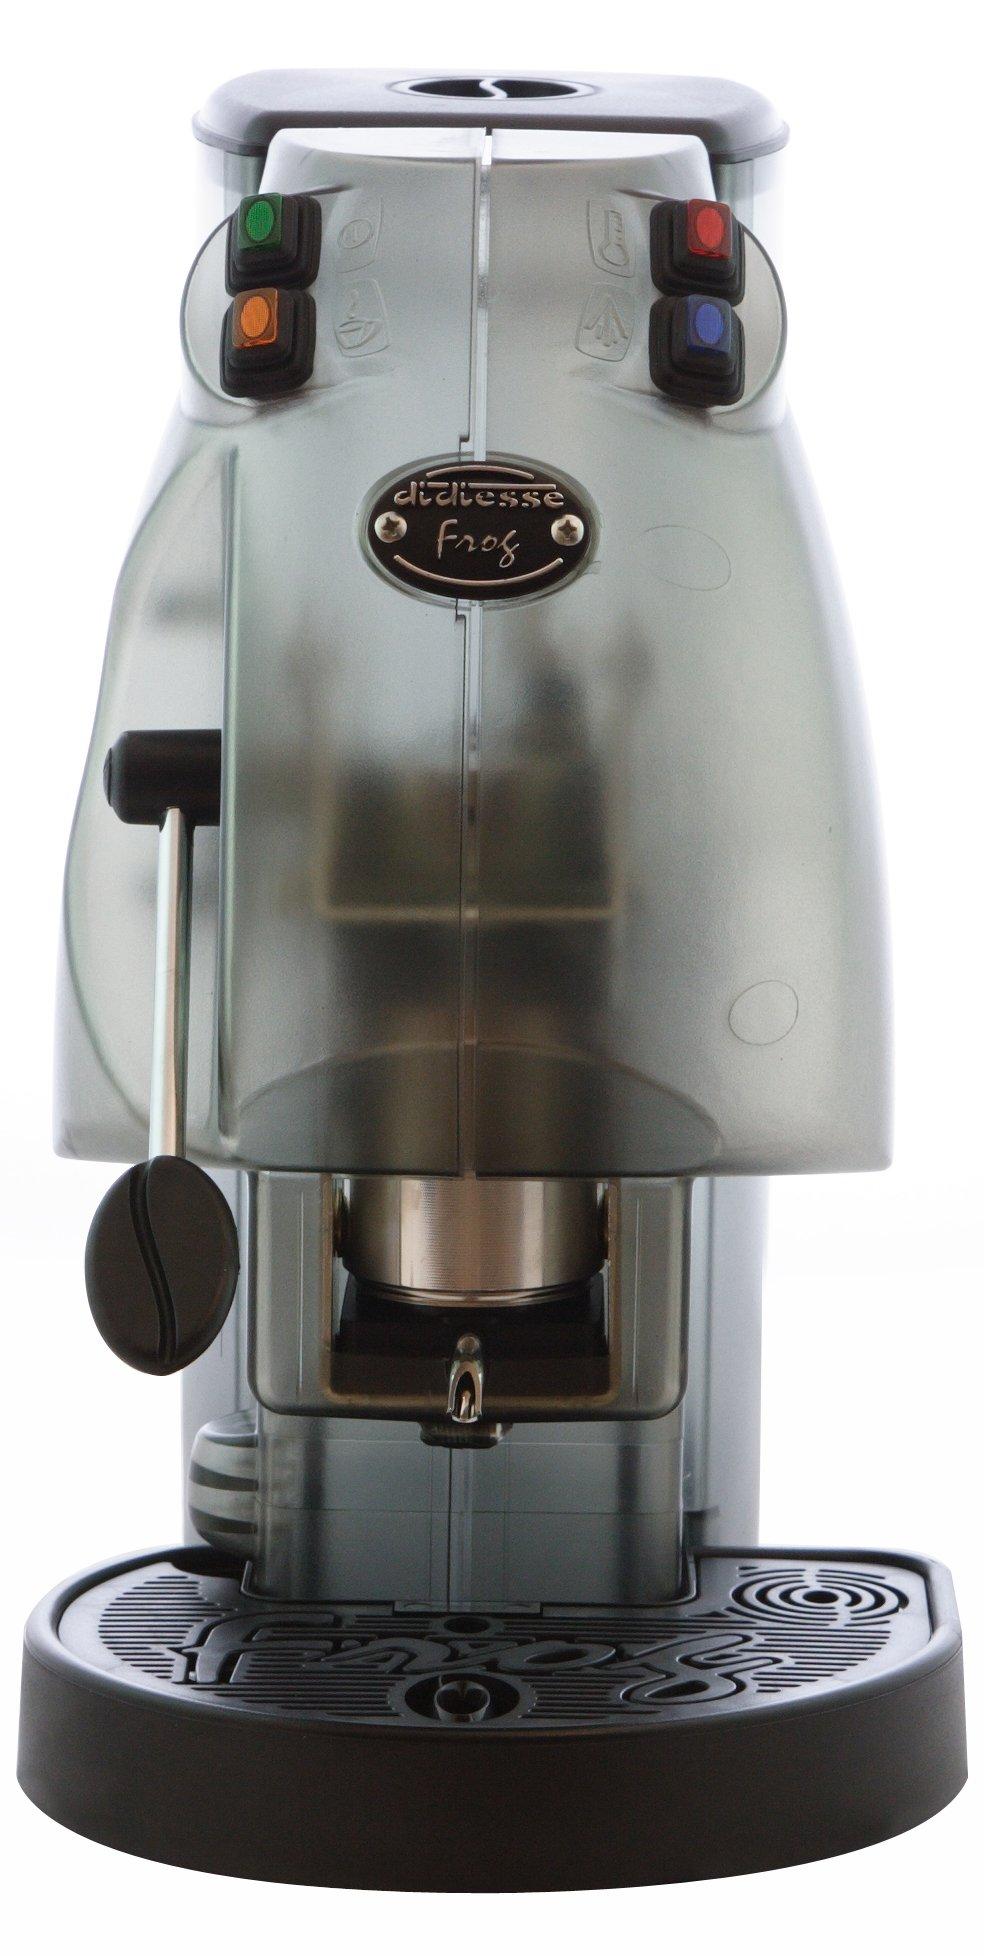 macchintta caffè 15